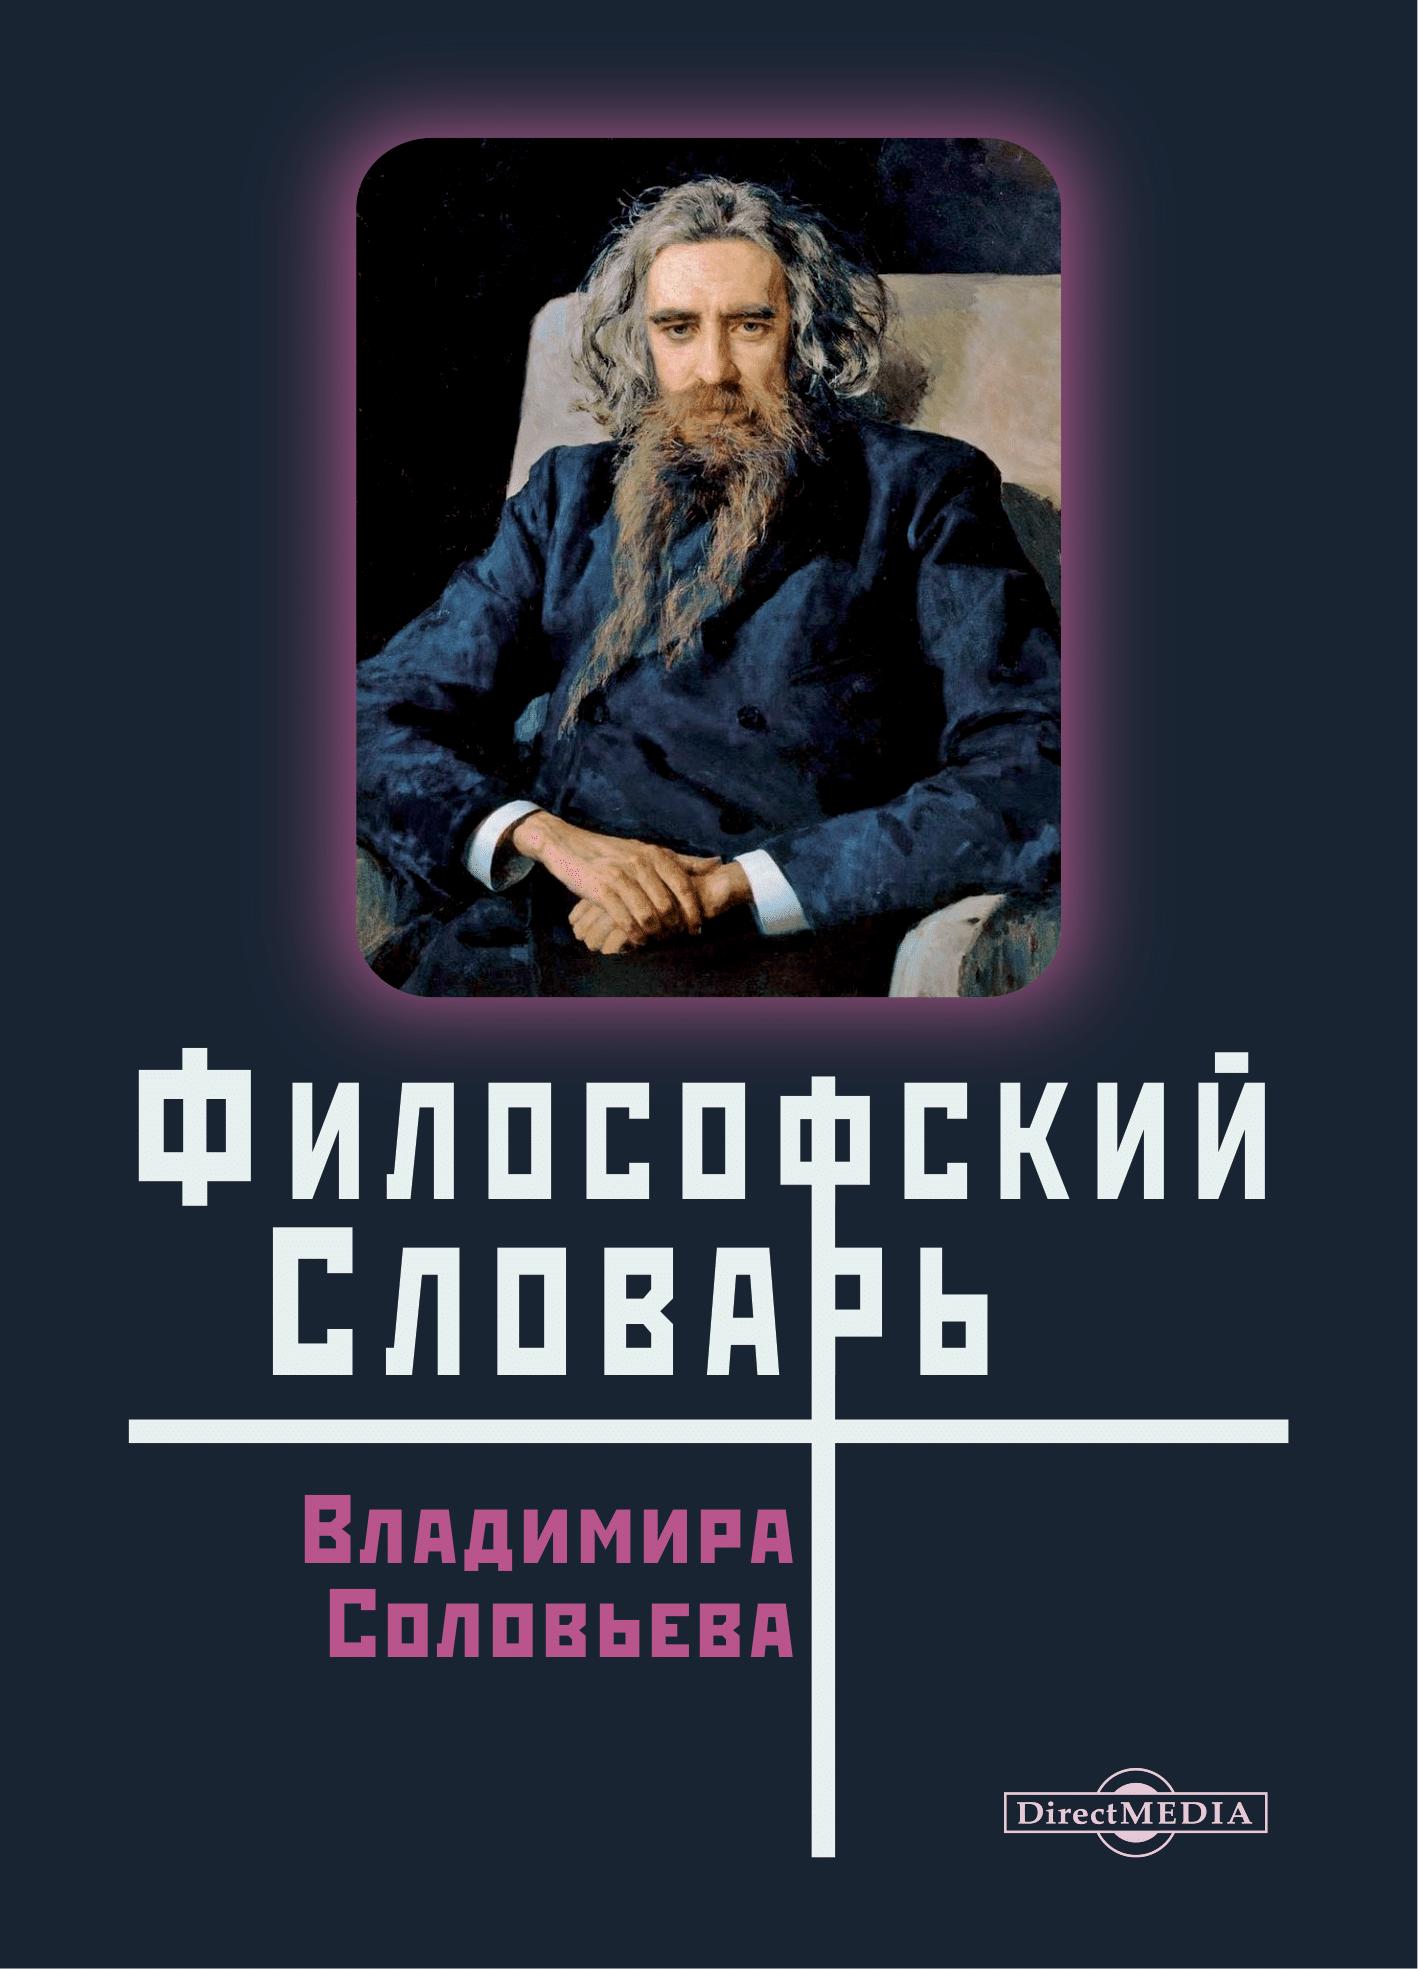 Философский словарь Владимира Соловьева